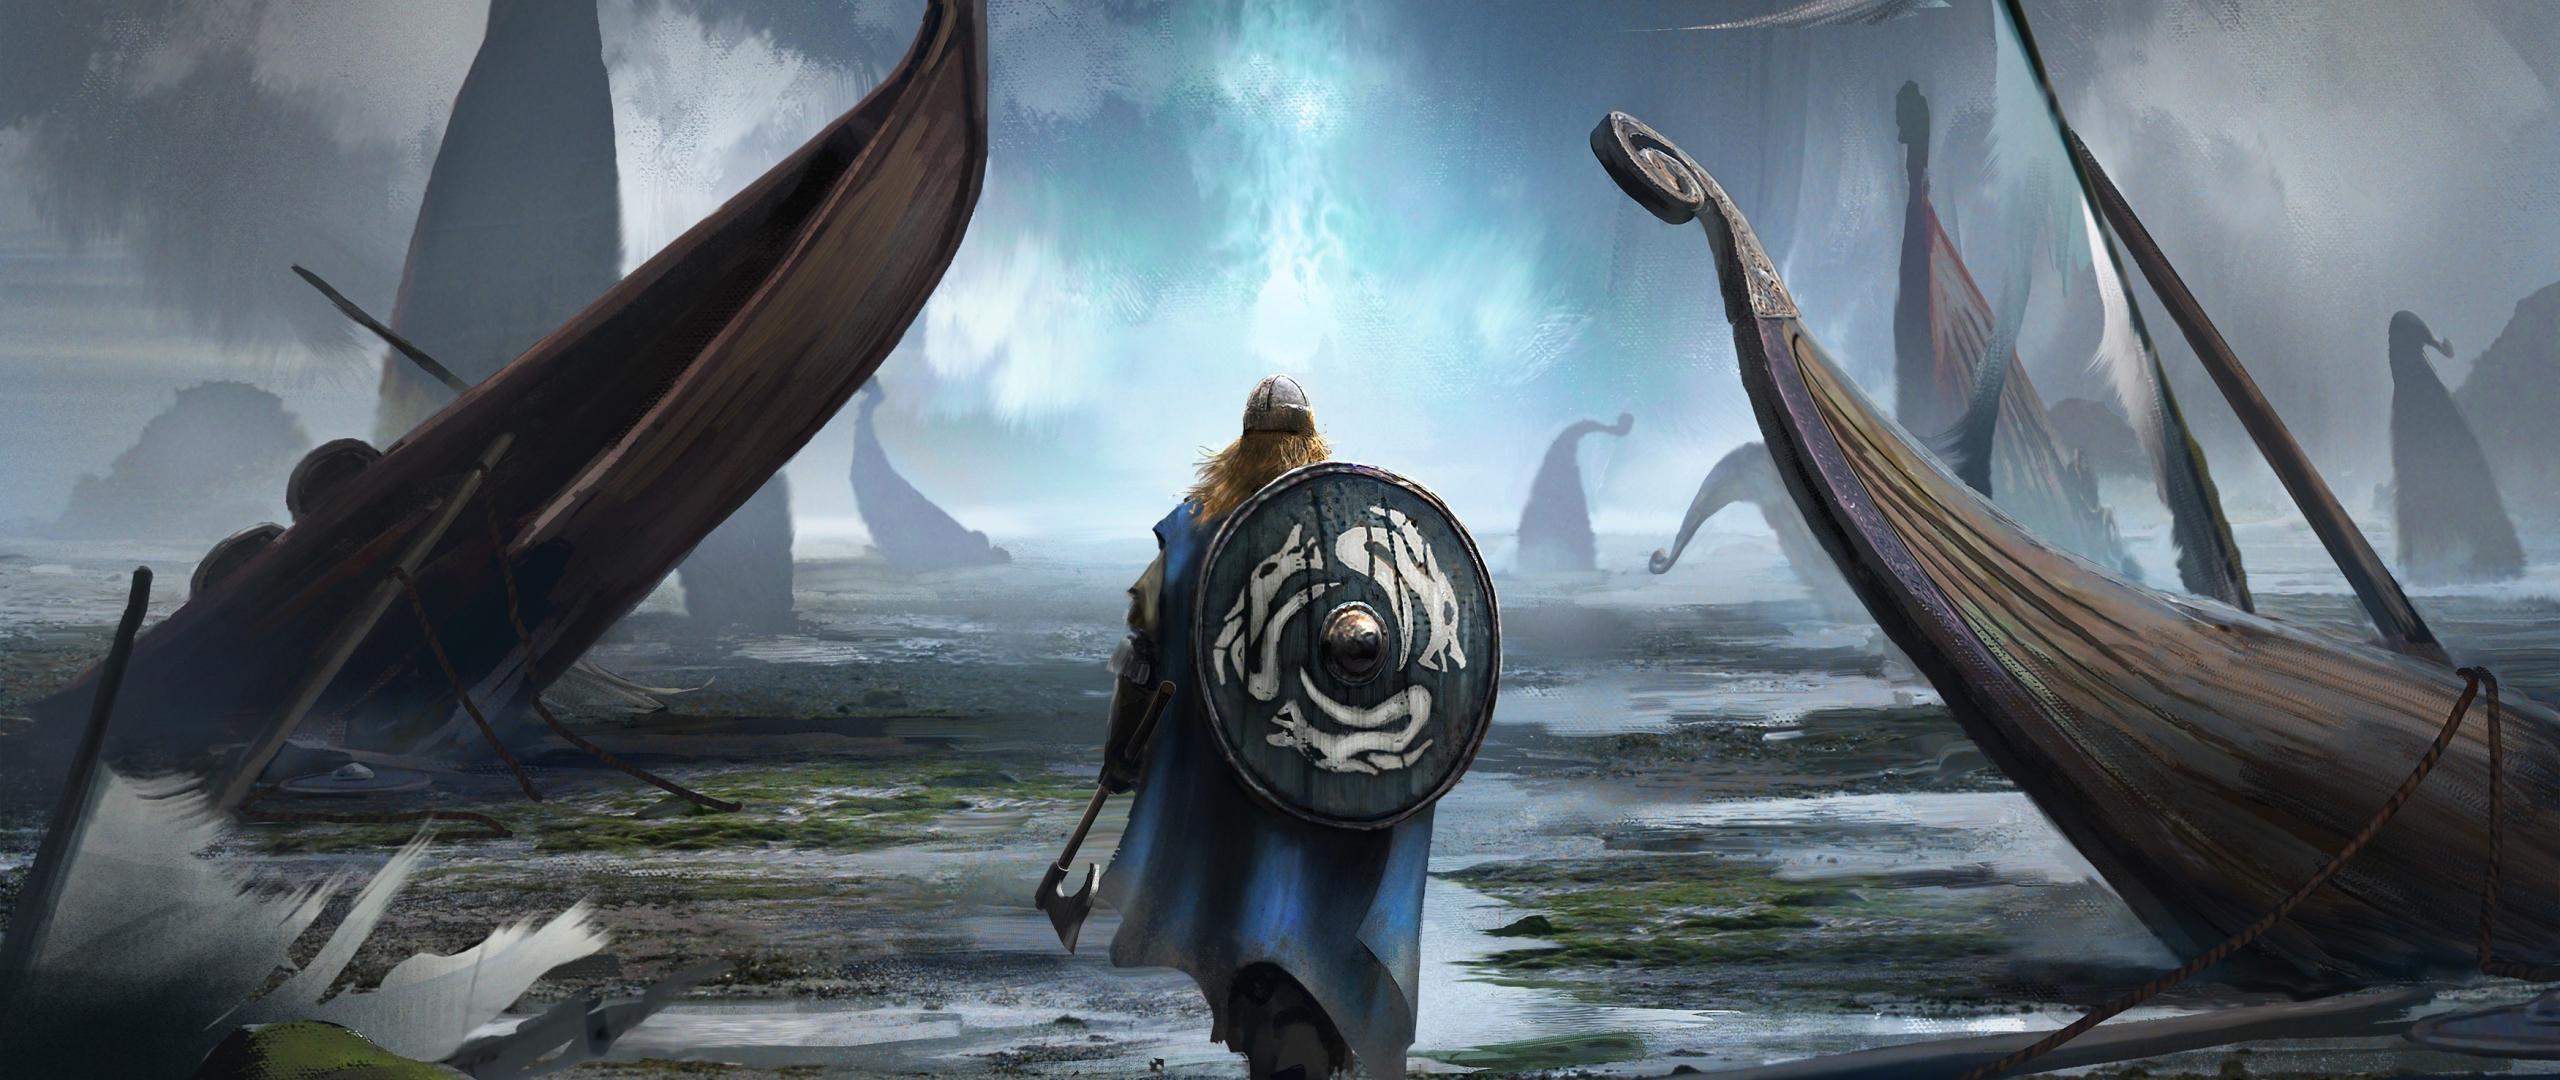 shield warrior viking fantasy art hd 4k wallpaper